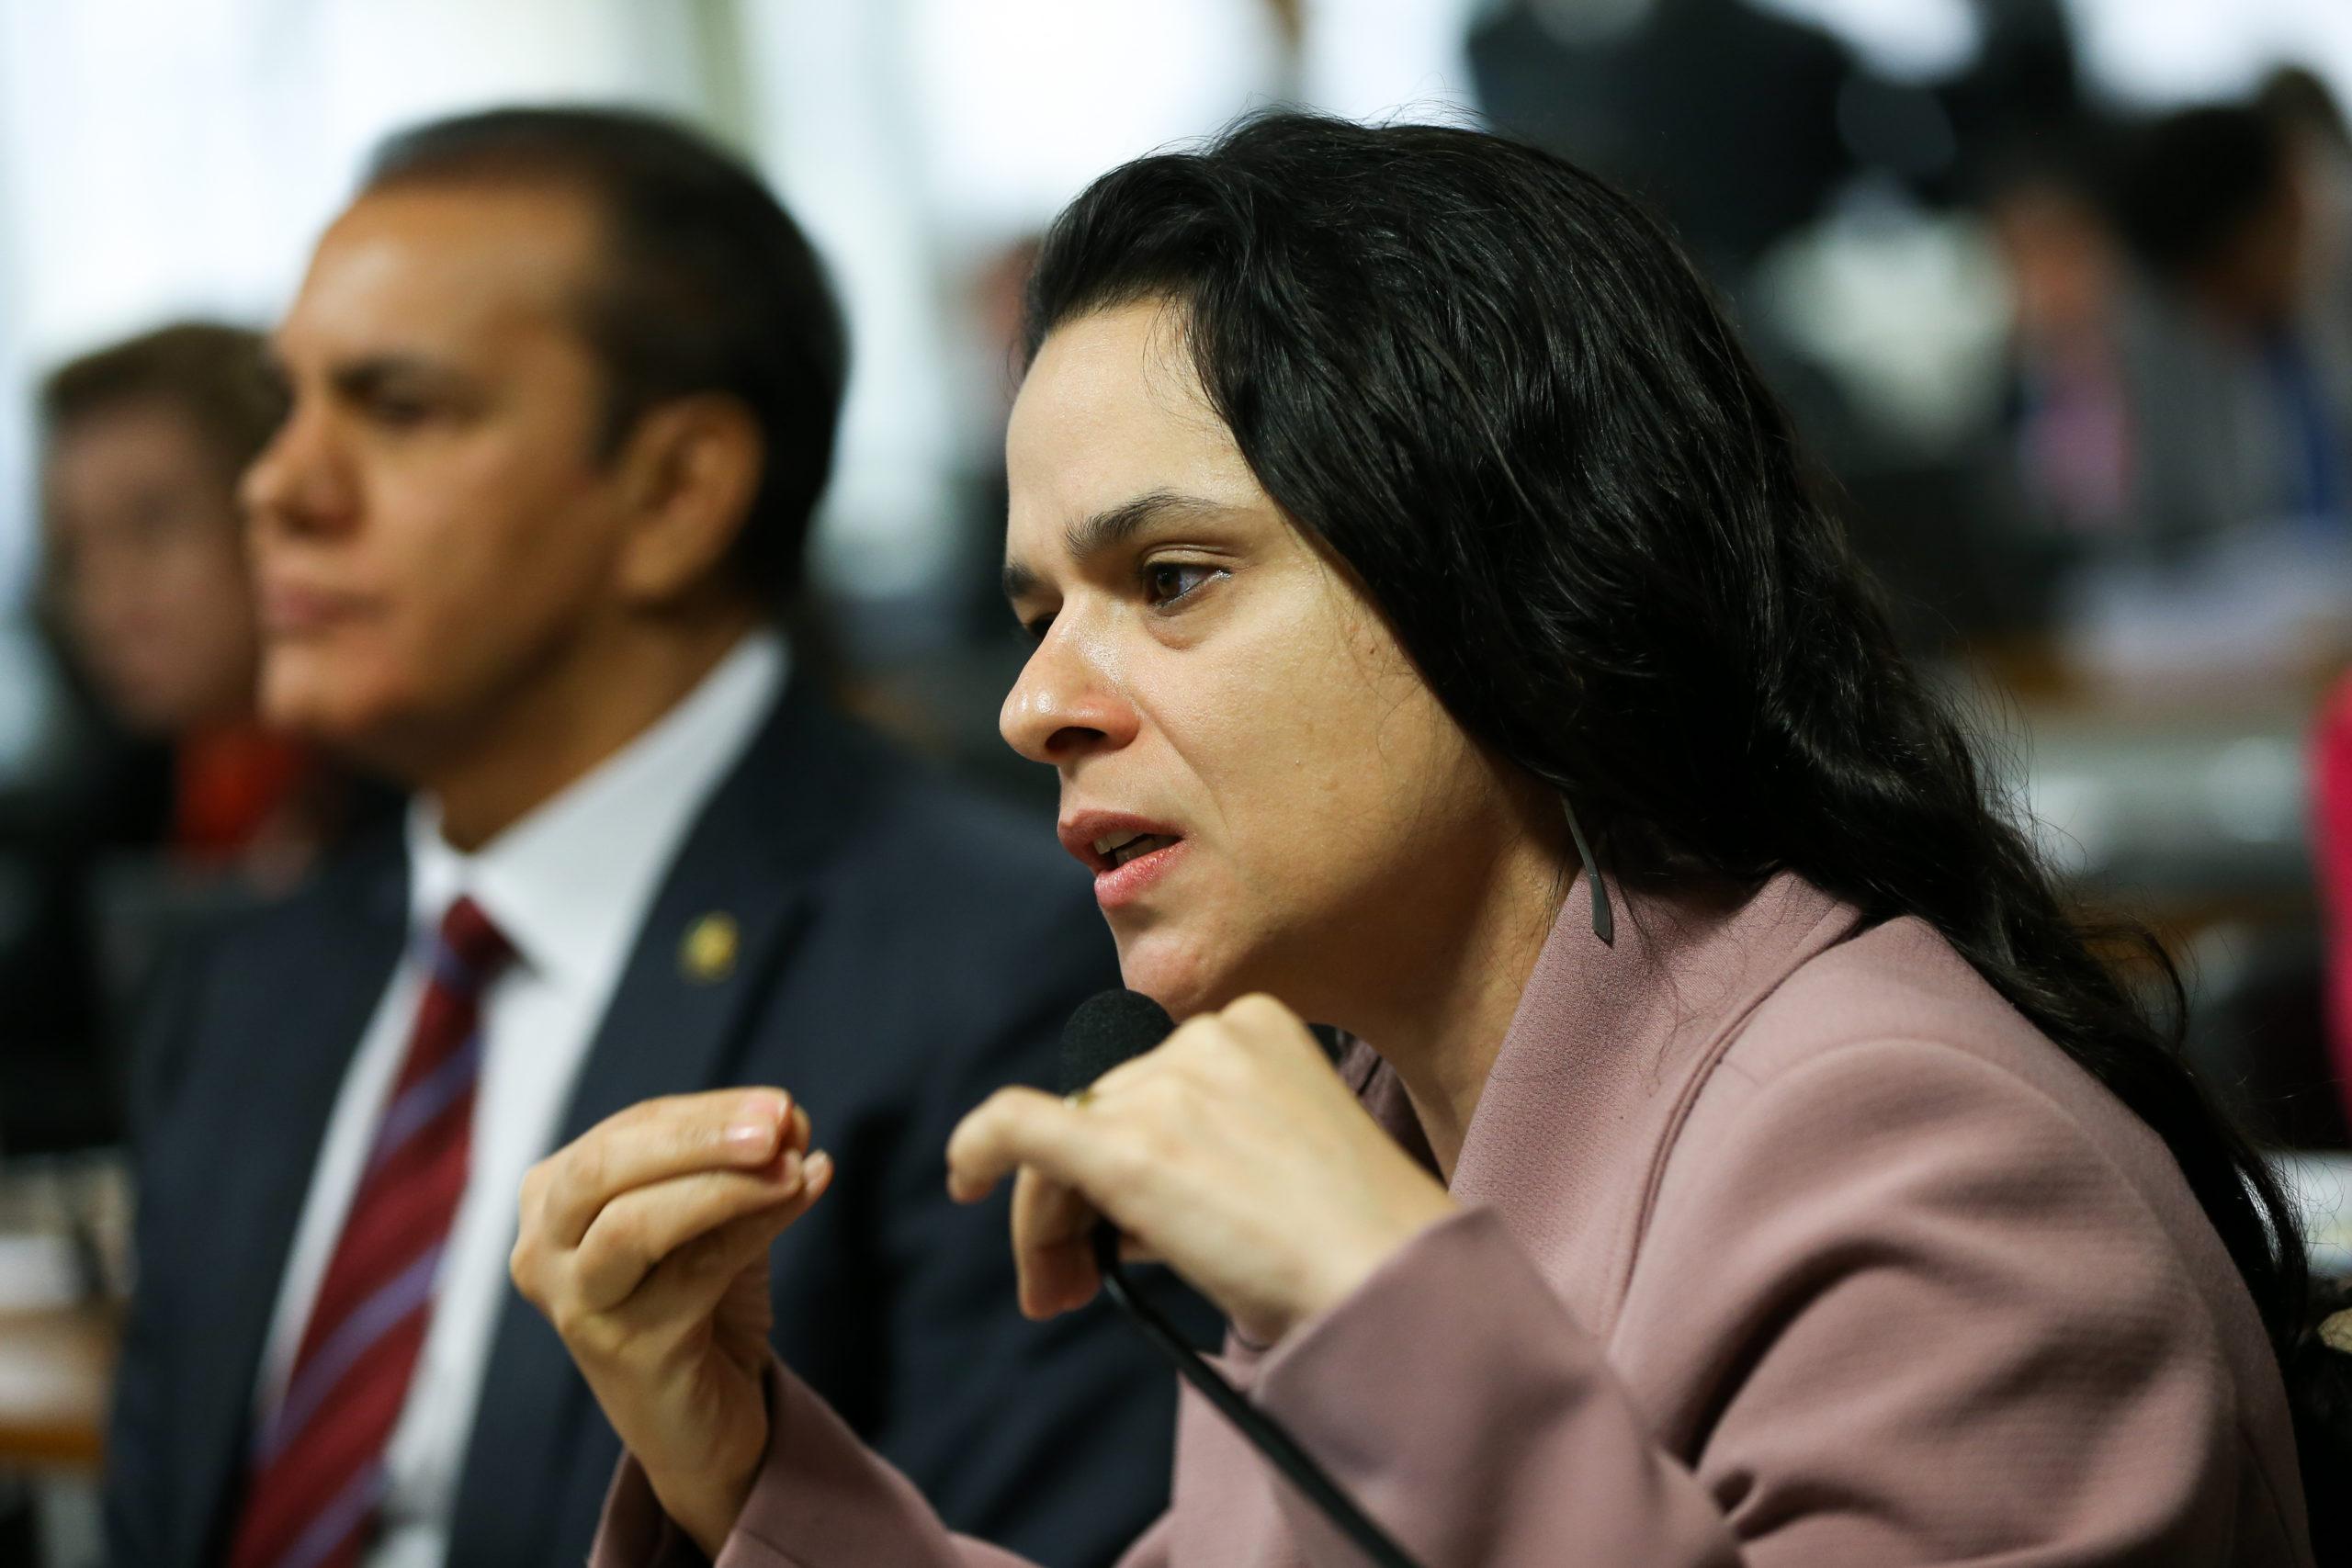 Brasília – A advogada denunciante, Janaína Paschoal, durante audiência para tomada de depoimentos na Comissão Processante do Impeachment (Marcelo Camargo/Agência Brasil)